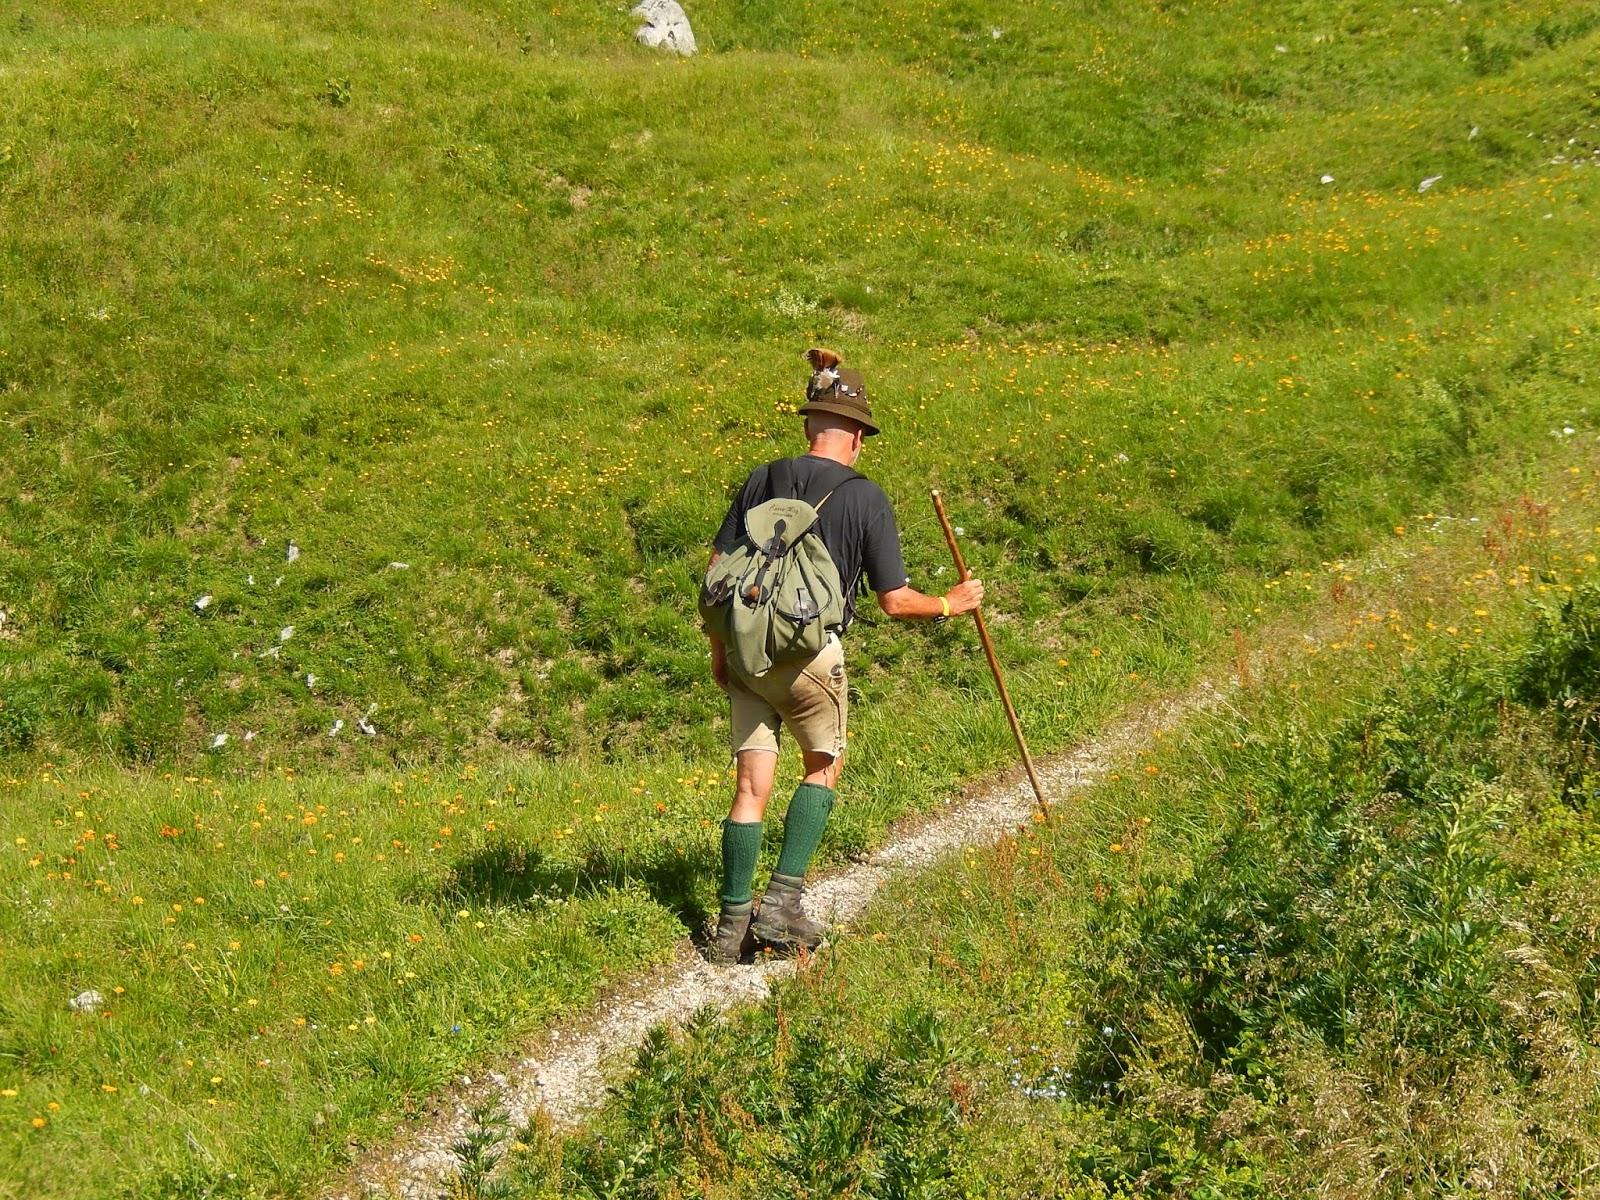 Der Wanderfreund: Gesundheit: Blutdruck senken durch Wandern